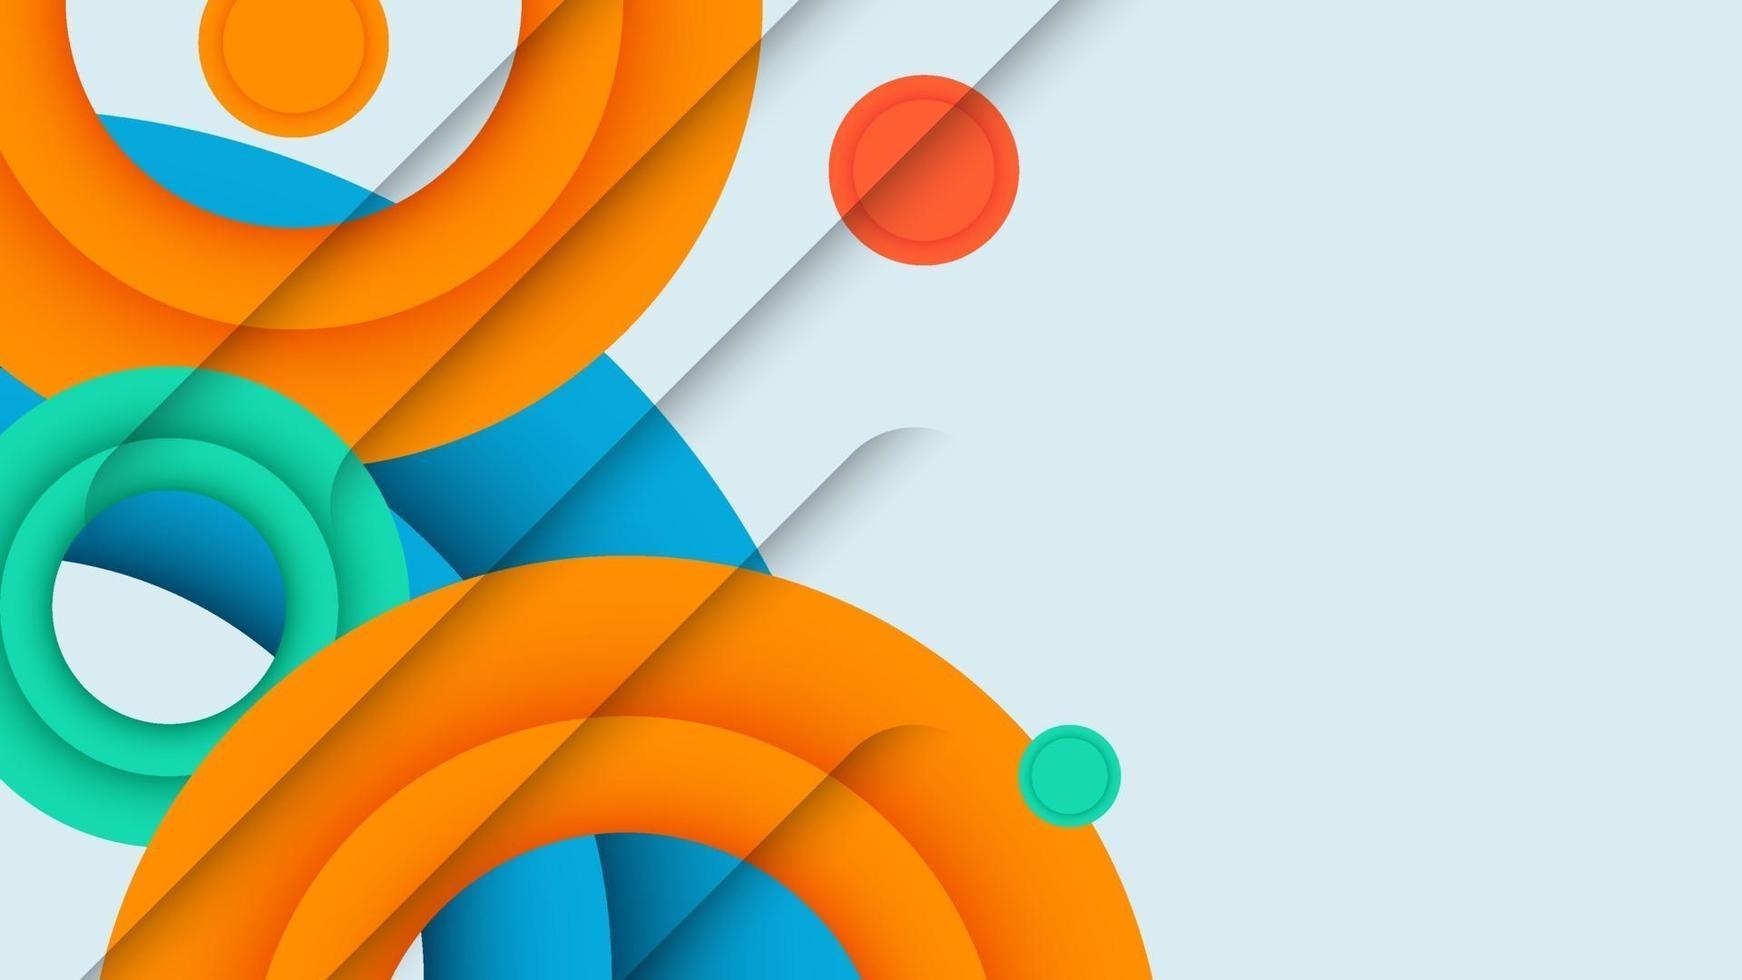 bunte Tapete mit geometrischen Formen. minimaler geometrischer Hintergrund. einfache Formen mit trendigen Verläufen. vektor